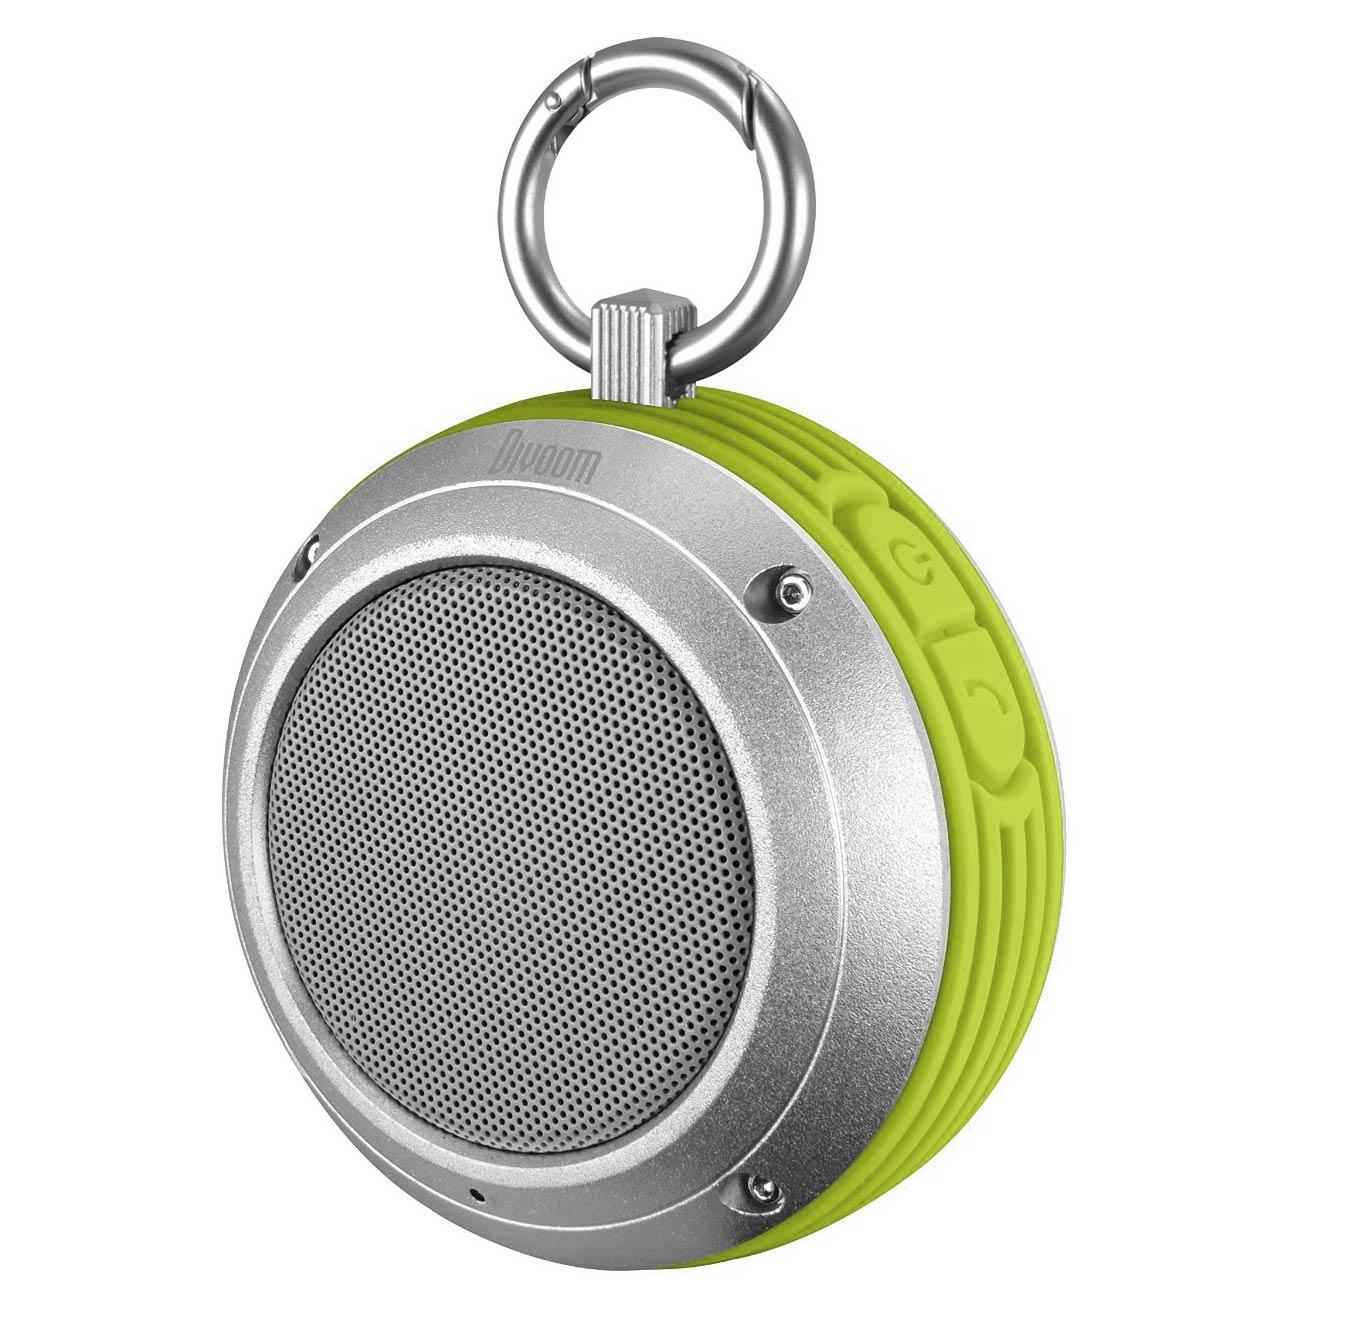 רמקול דיבורית Bluetooth נייד דגם Voombox-Travel עם עוצמת שמע 4 W - תמונה 3